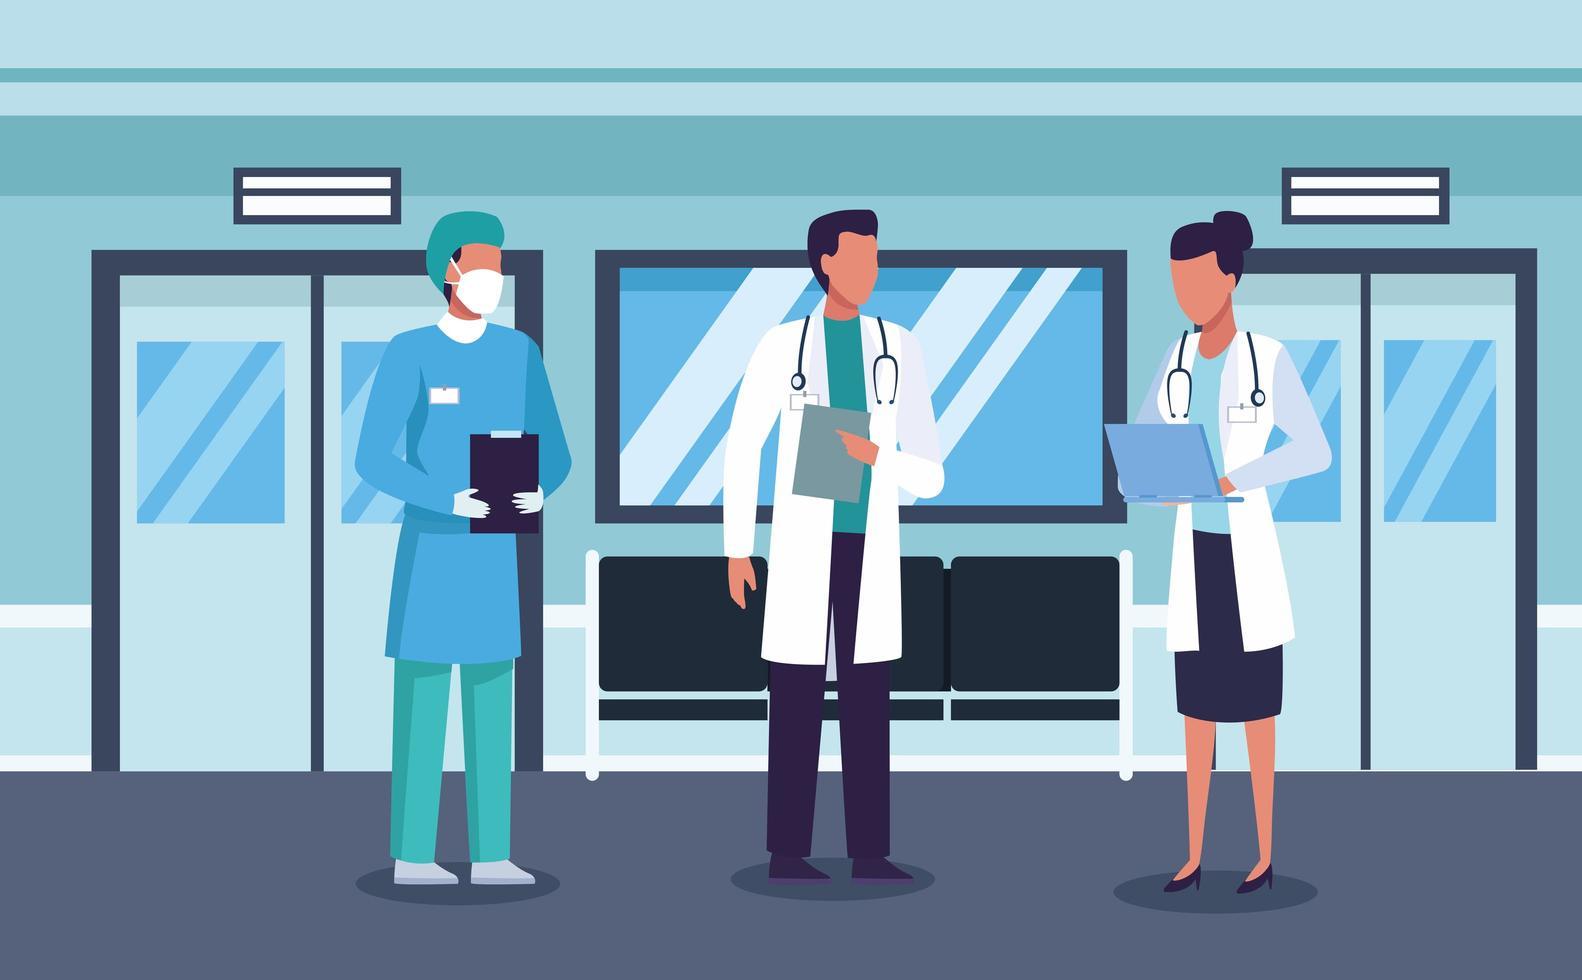 grupo de doctores y doctores en la sala de espera vector